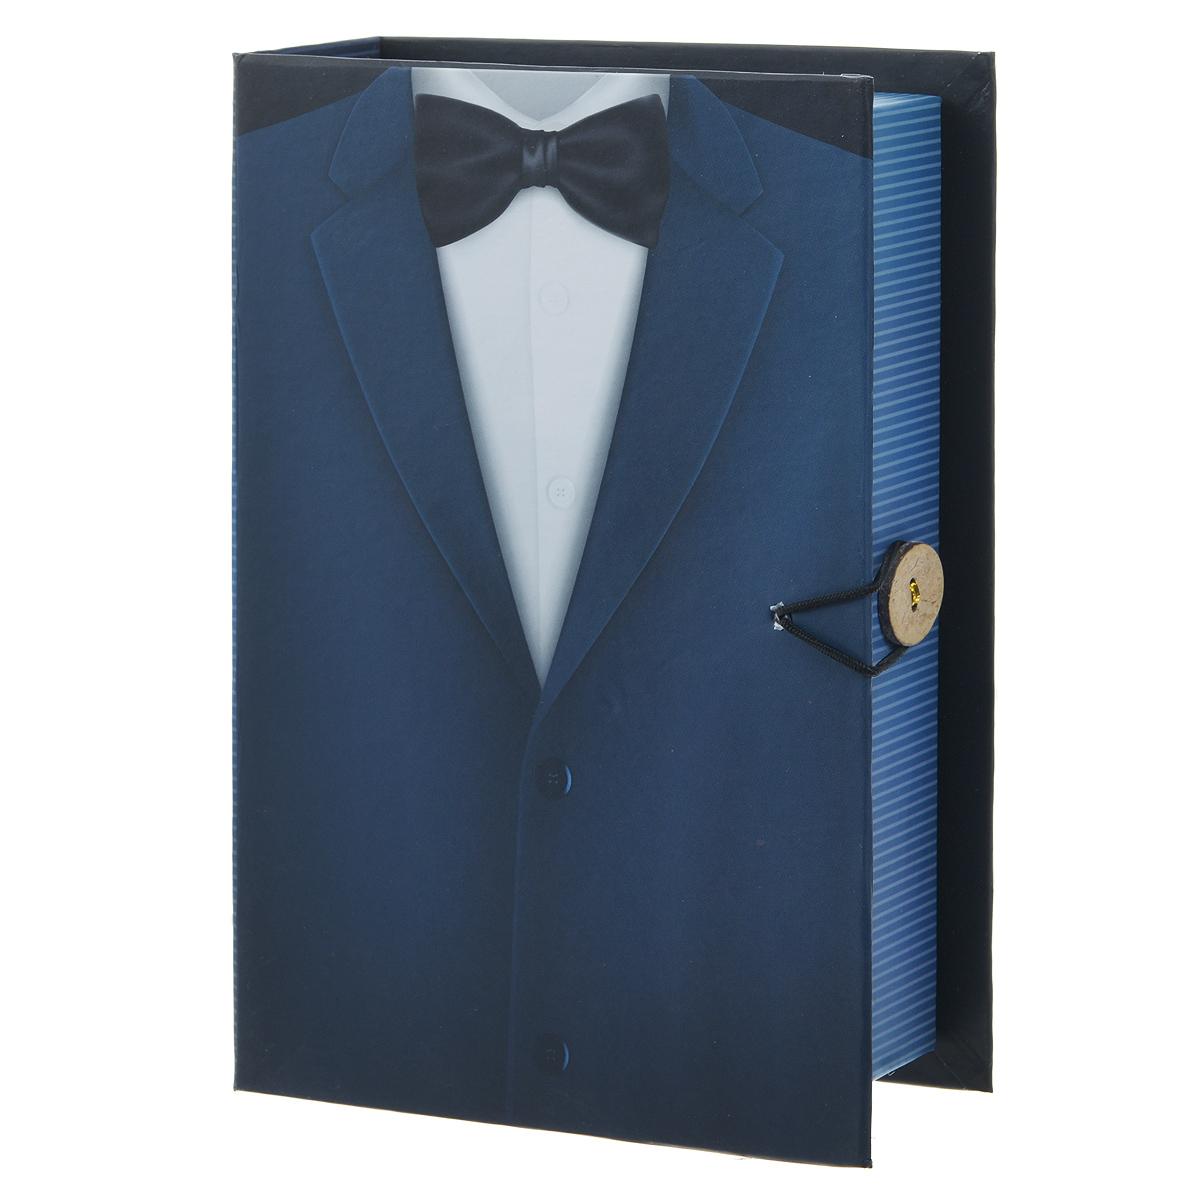 Подарочная коробка Джентльмен, 18 см х 12 см х 5 см39476Подарочная коробка Джентльмен выполнена из плотного картона. Изделие оформлено изображением мужского пиджака с галстуком. Коробка закрывается на пуговицу. Подарочная коробка - это наилучшее решение, если вы хотите порадовать ваших близких и создать праздничное настроение, ведь подарок, преподнесенный в оригинальной упаковке, всегда будет самым эффектным и запоминающимся. Окружите близких людей вниманием и заботой, вручив презент в нарядном, праздничном оформлении. Плотность картона: 1100 г/м2.